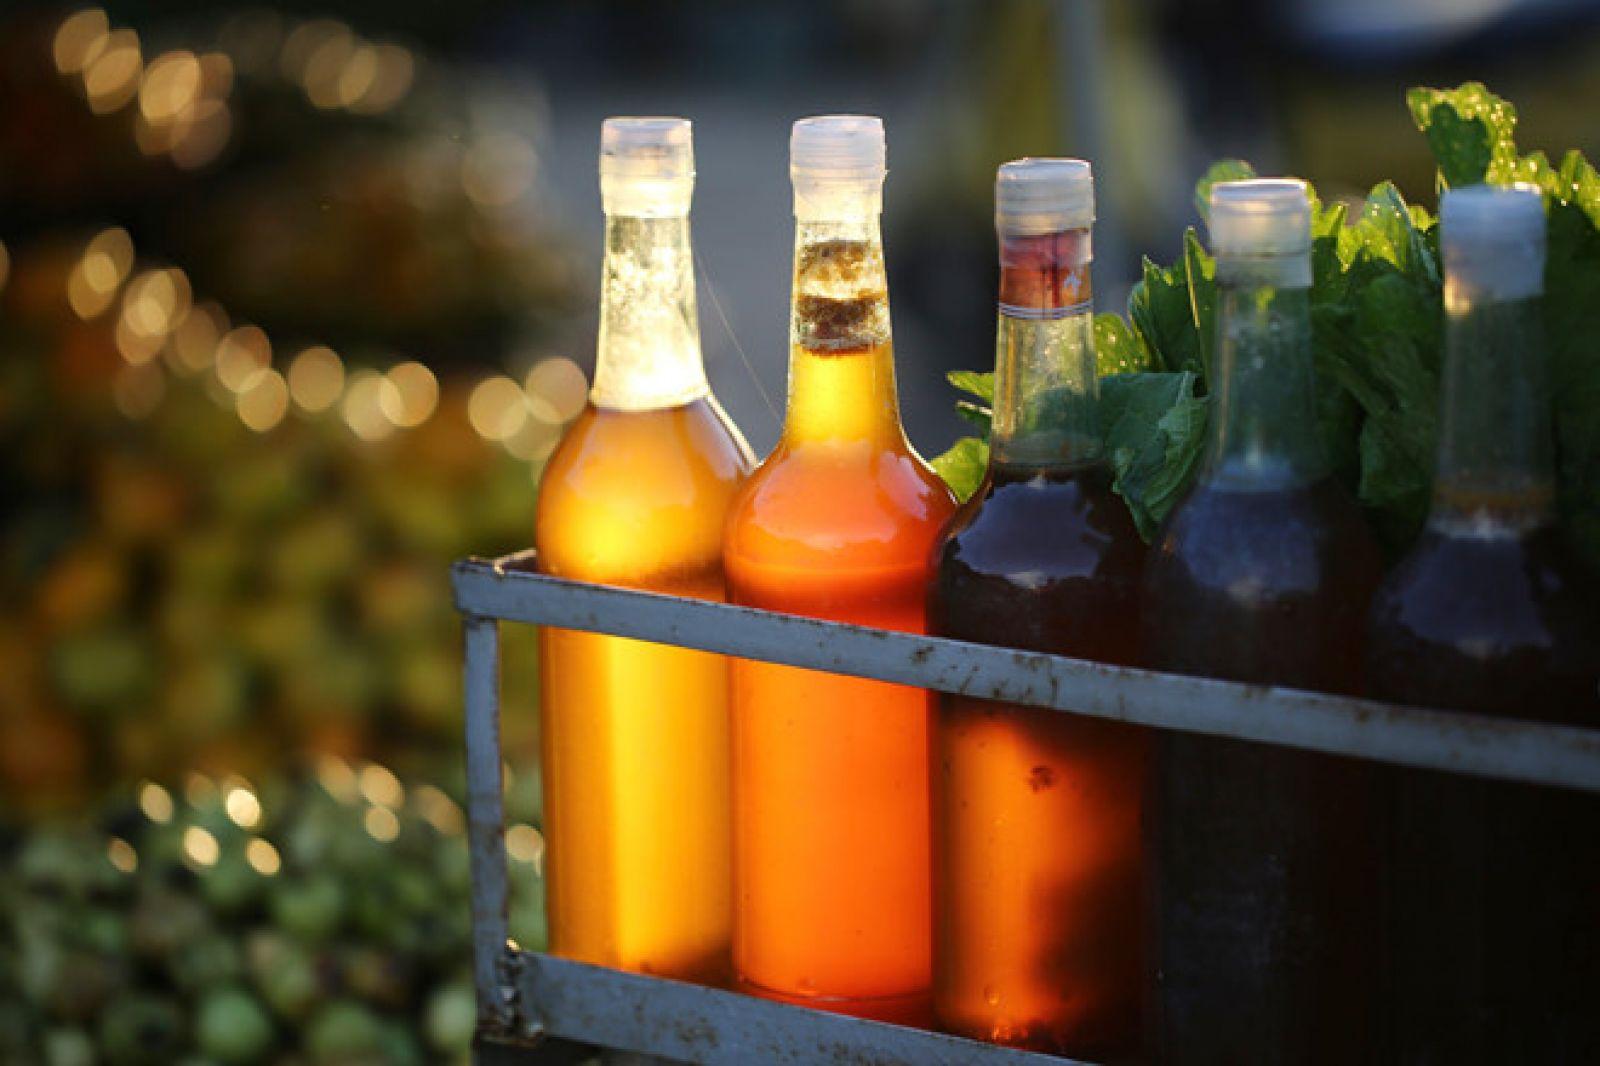 Những chai mật ong vàng óng được anh Phong rót vào chai thủy tinh,để chuẩn bị đưa vào miền Trung tiêu thụ.